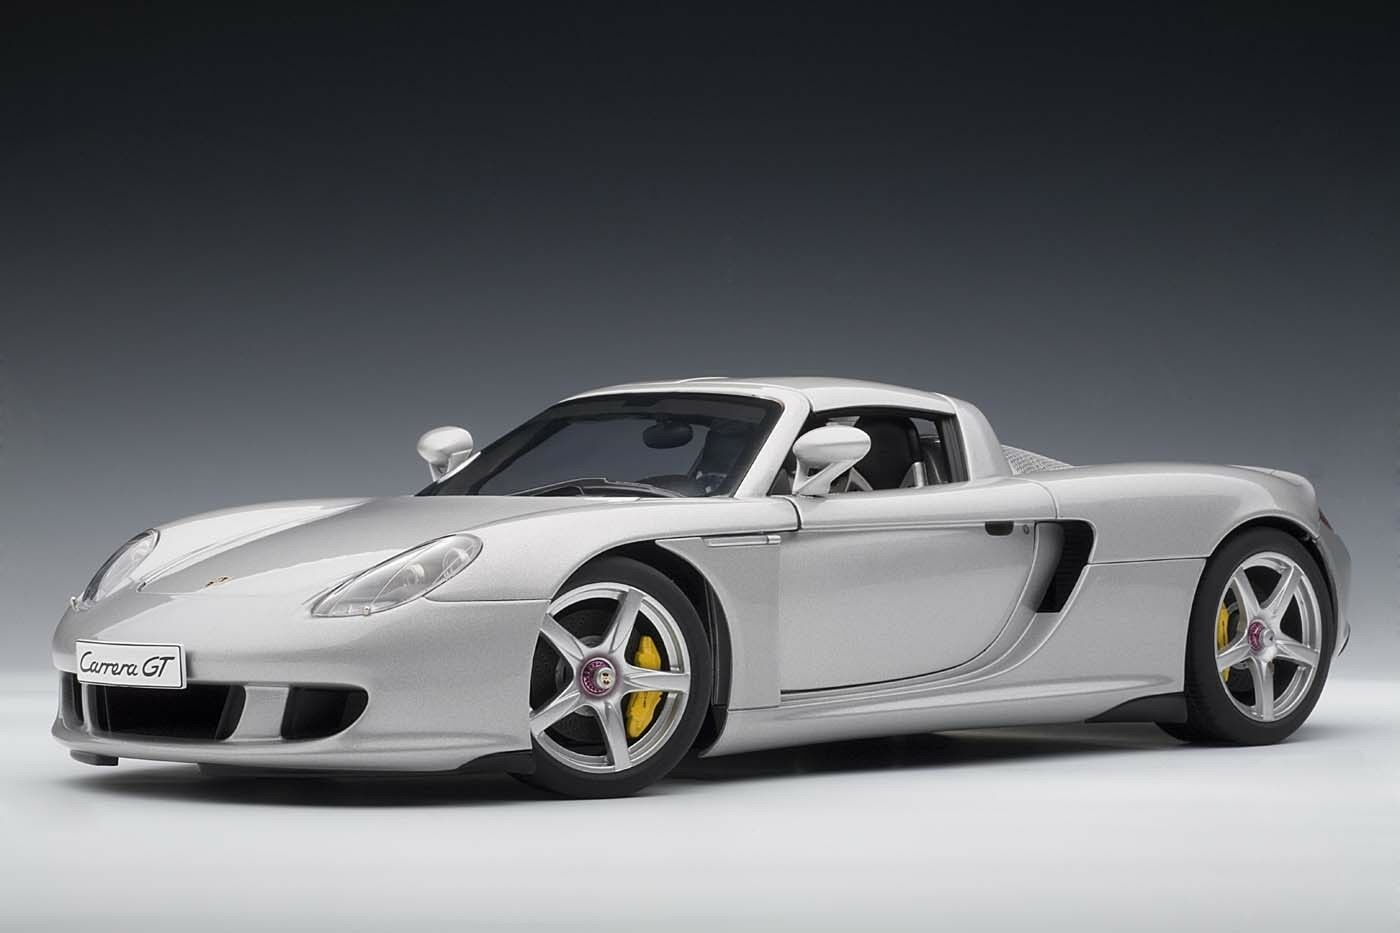 Porsche Carrera GT Argent avec intérieur noir 1 18 AUTOart 78046 New Re-Release